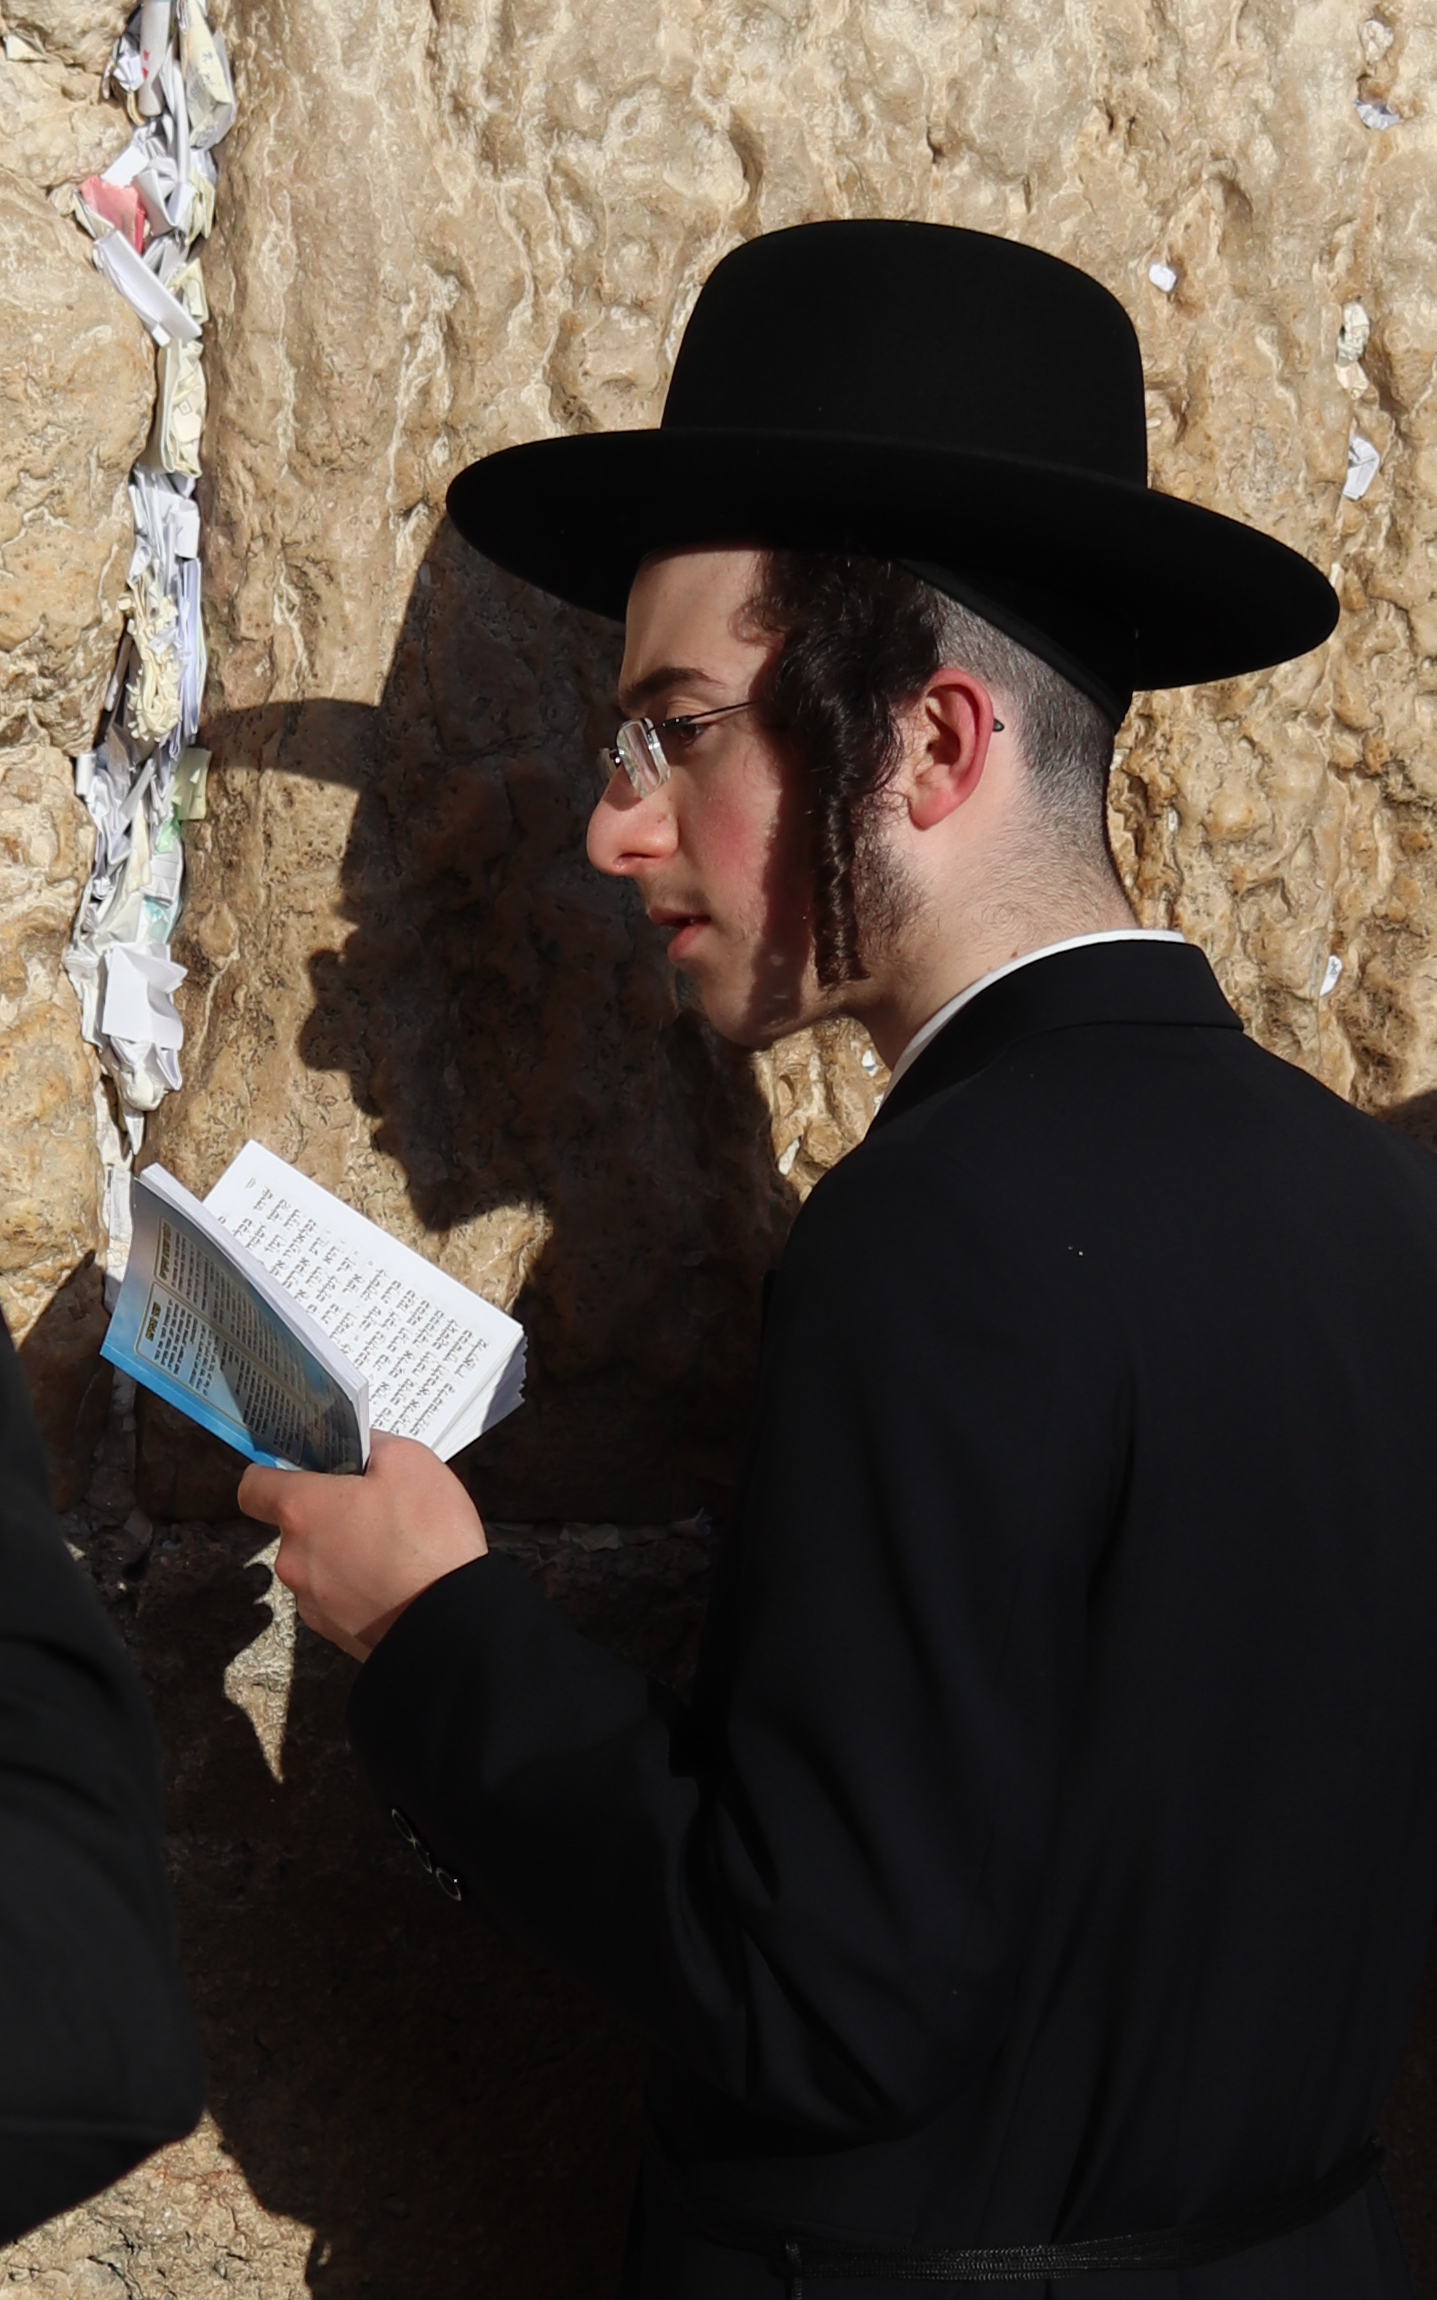 western wall praying cropped 2.jpg